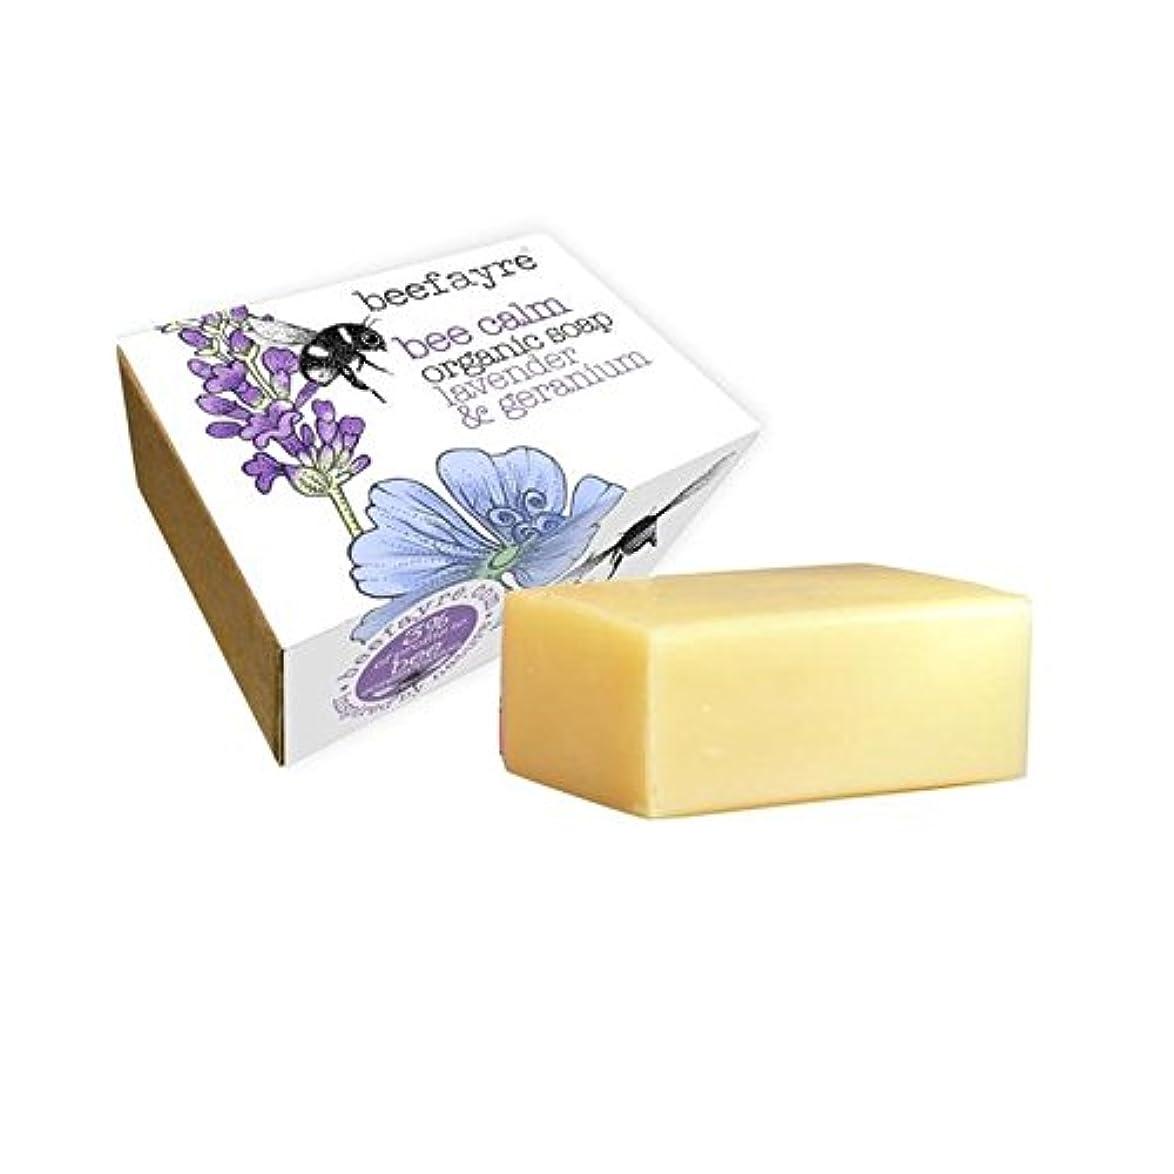 ピンポイント安価な緊急Beefayre Organic Geranium & Lavender Soap (Pack of 6) - 有機ゼラニウム&ラベンダー石鹸 x6 [並行輸入品]